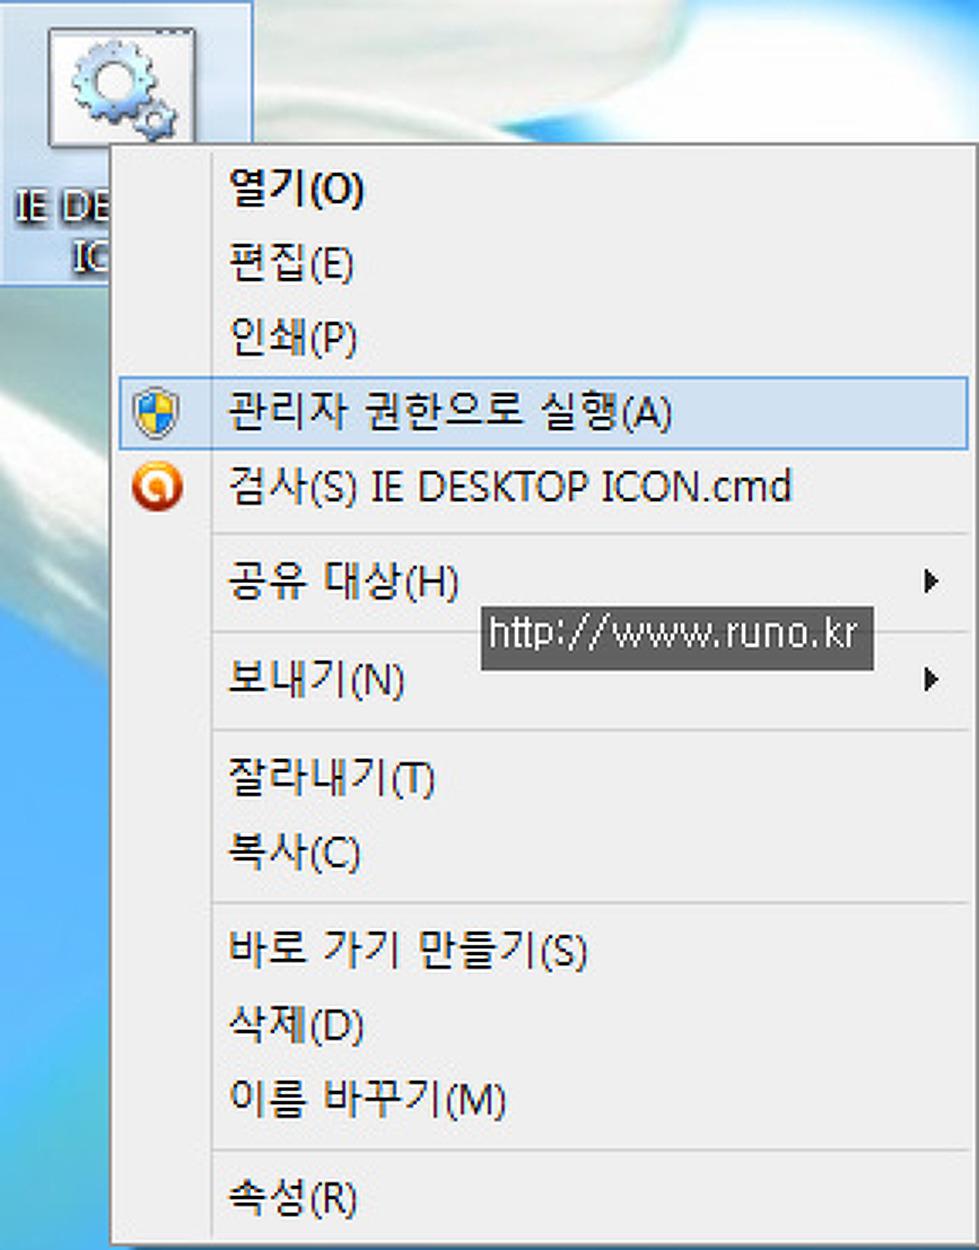 윈도우7/8 바탕화면 인터넷 익스플로러 아이콘..